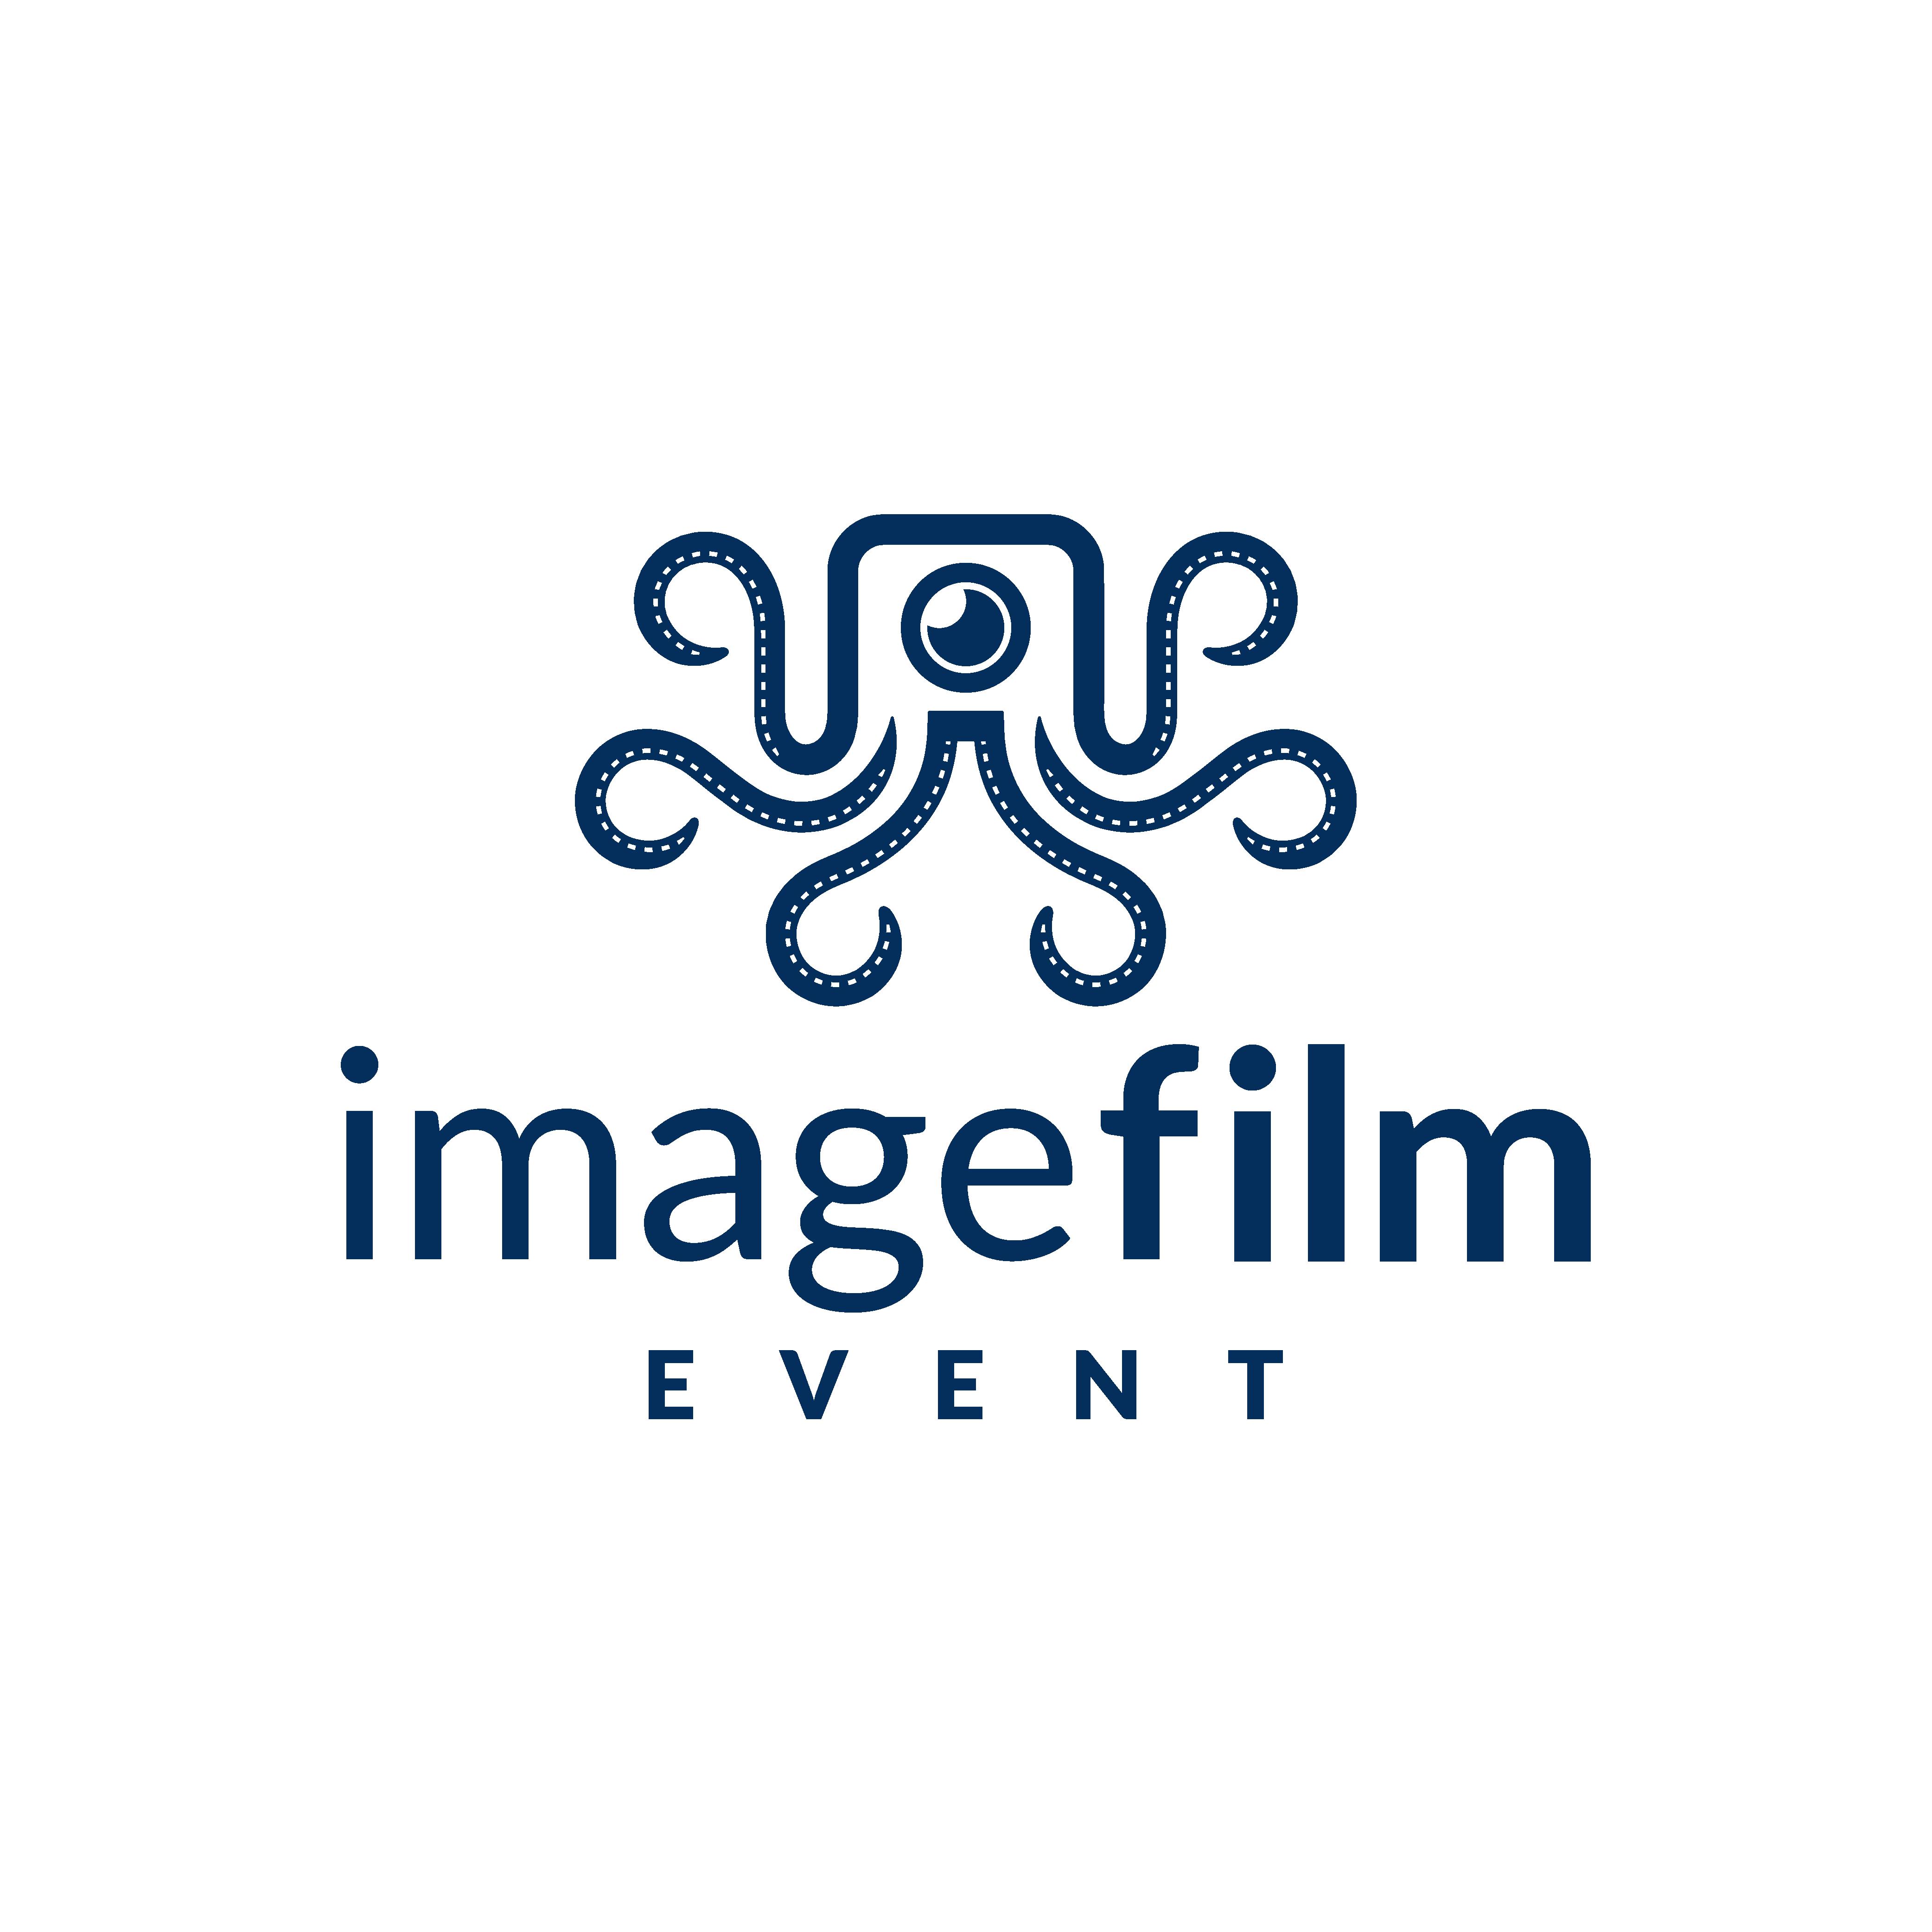 Erstelle ein kreates und einprägsames Logo für Imagefilm Event